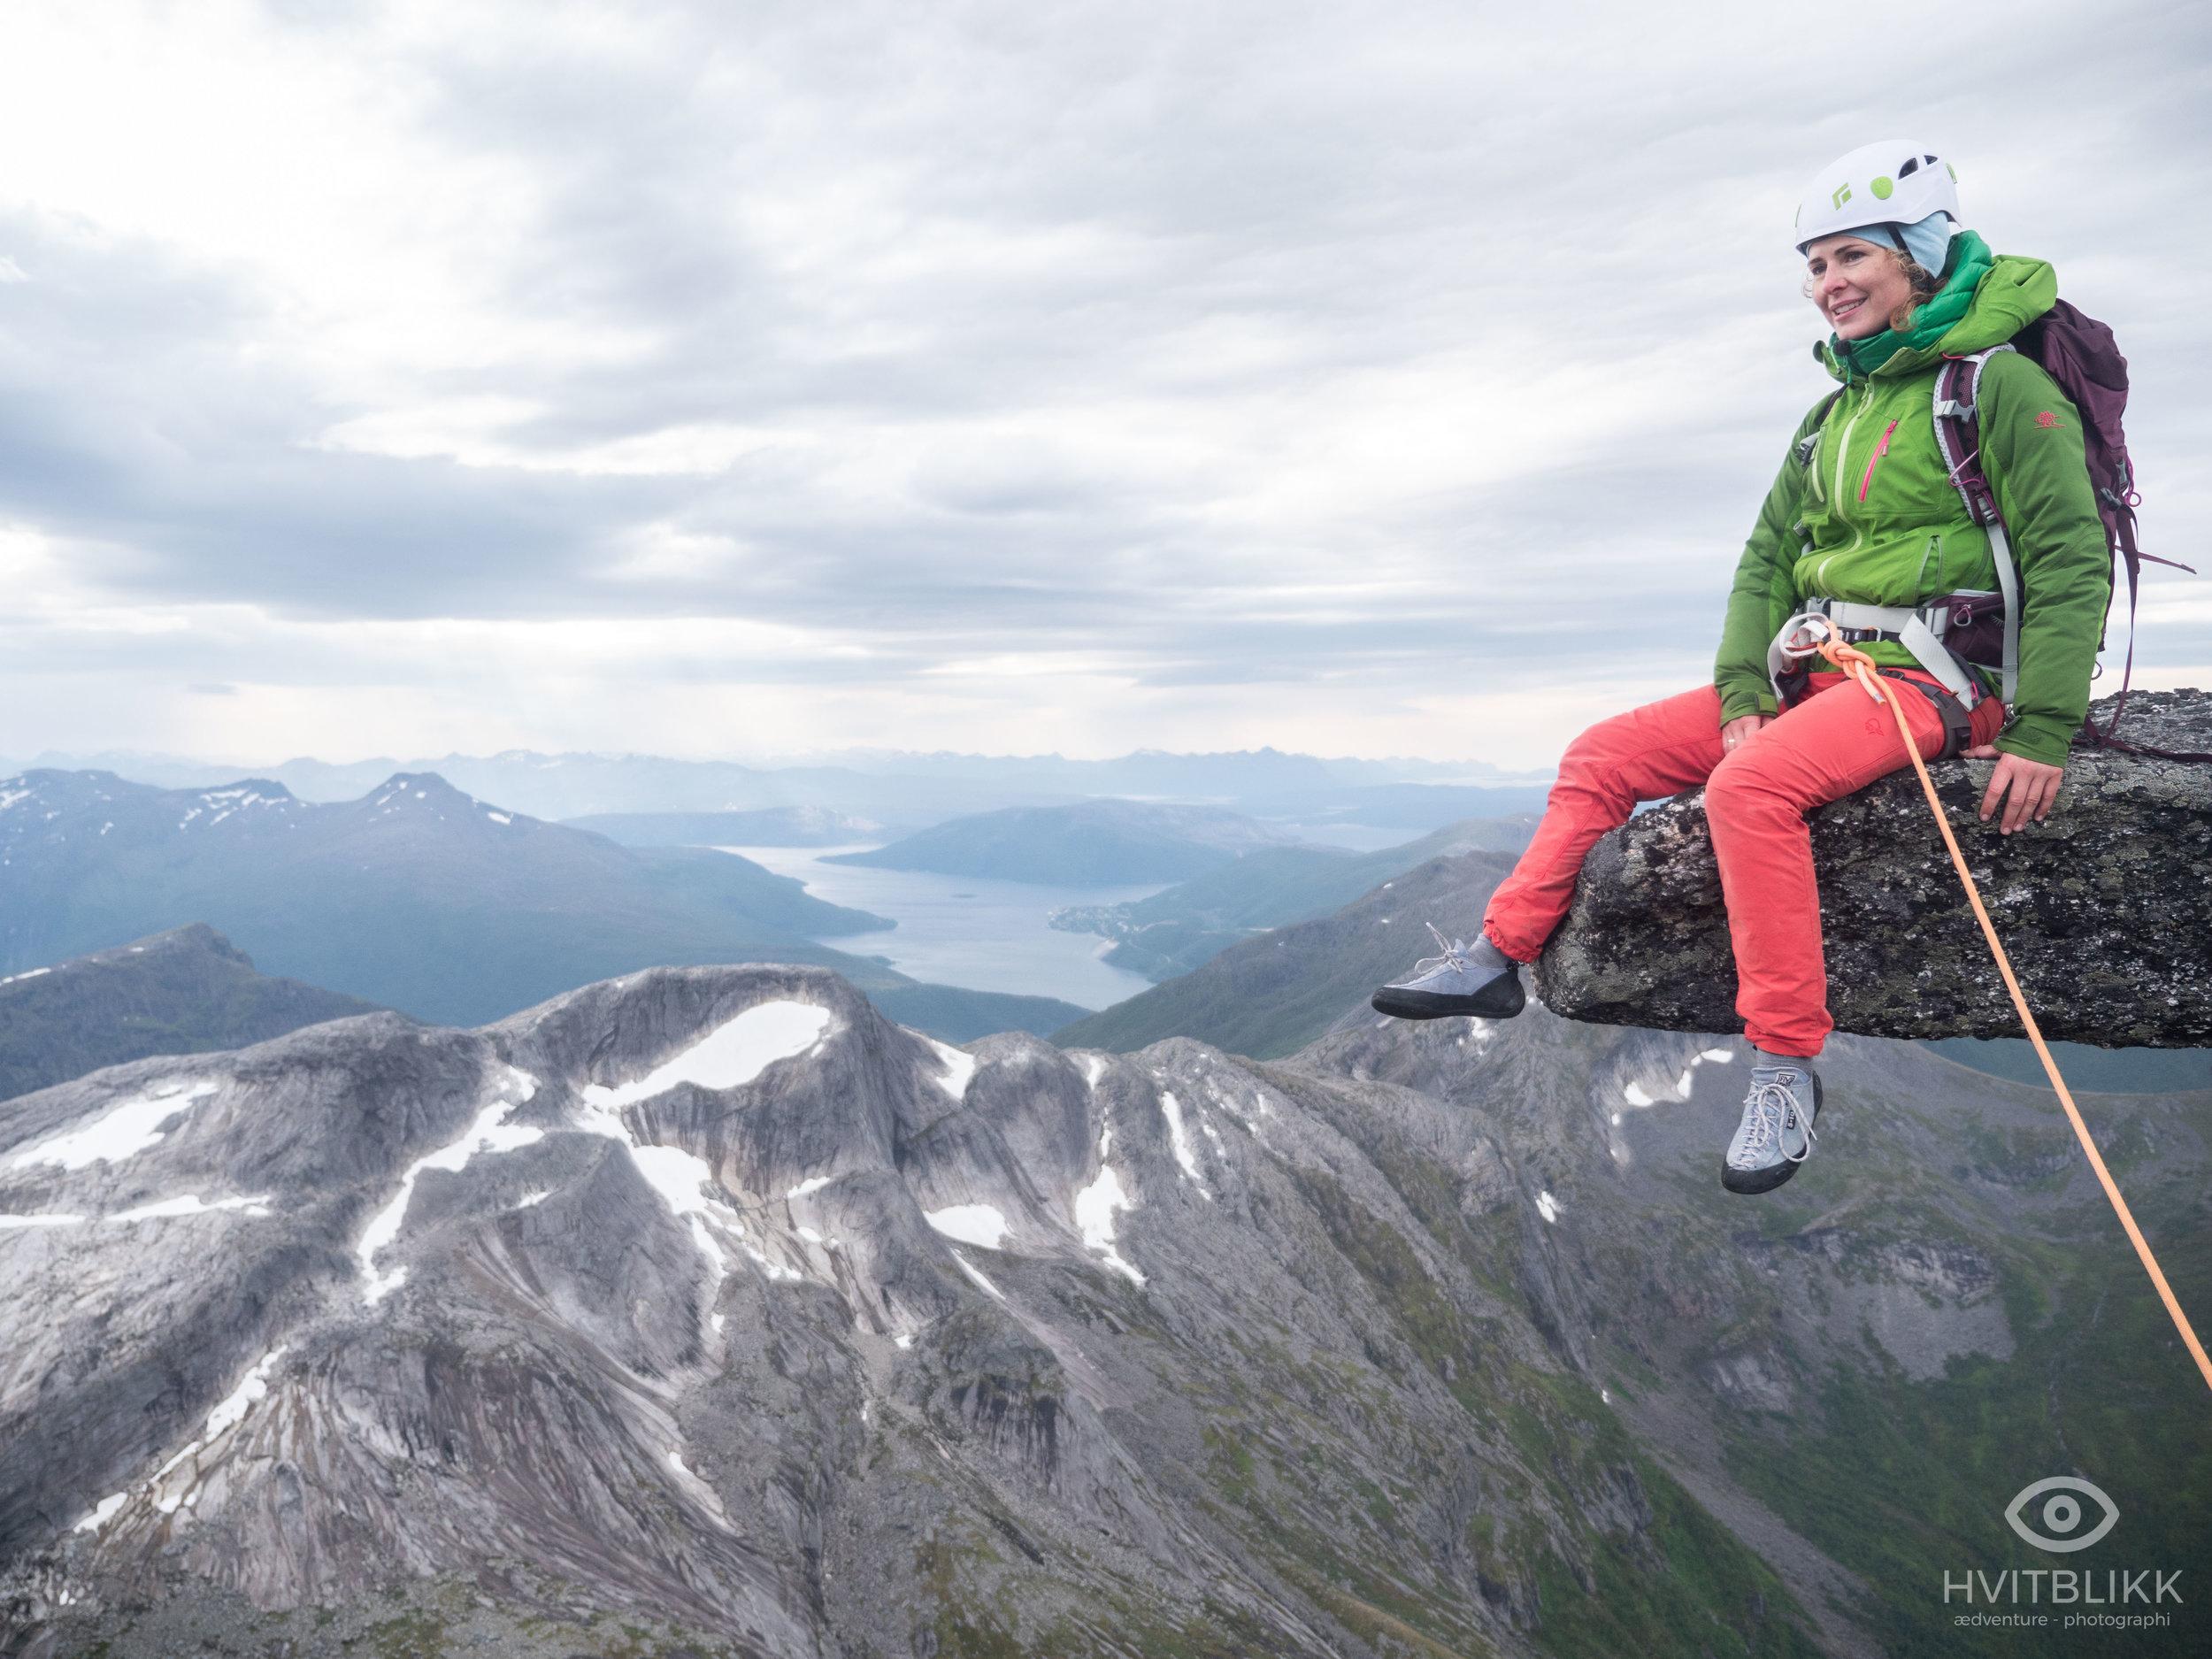 Ellingjord-Hvitblikk_20190901NOR15764.jpg